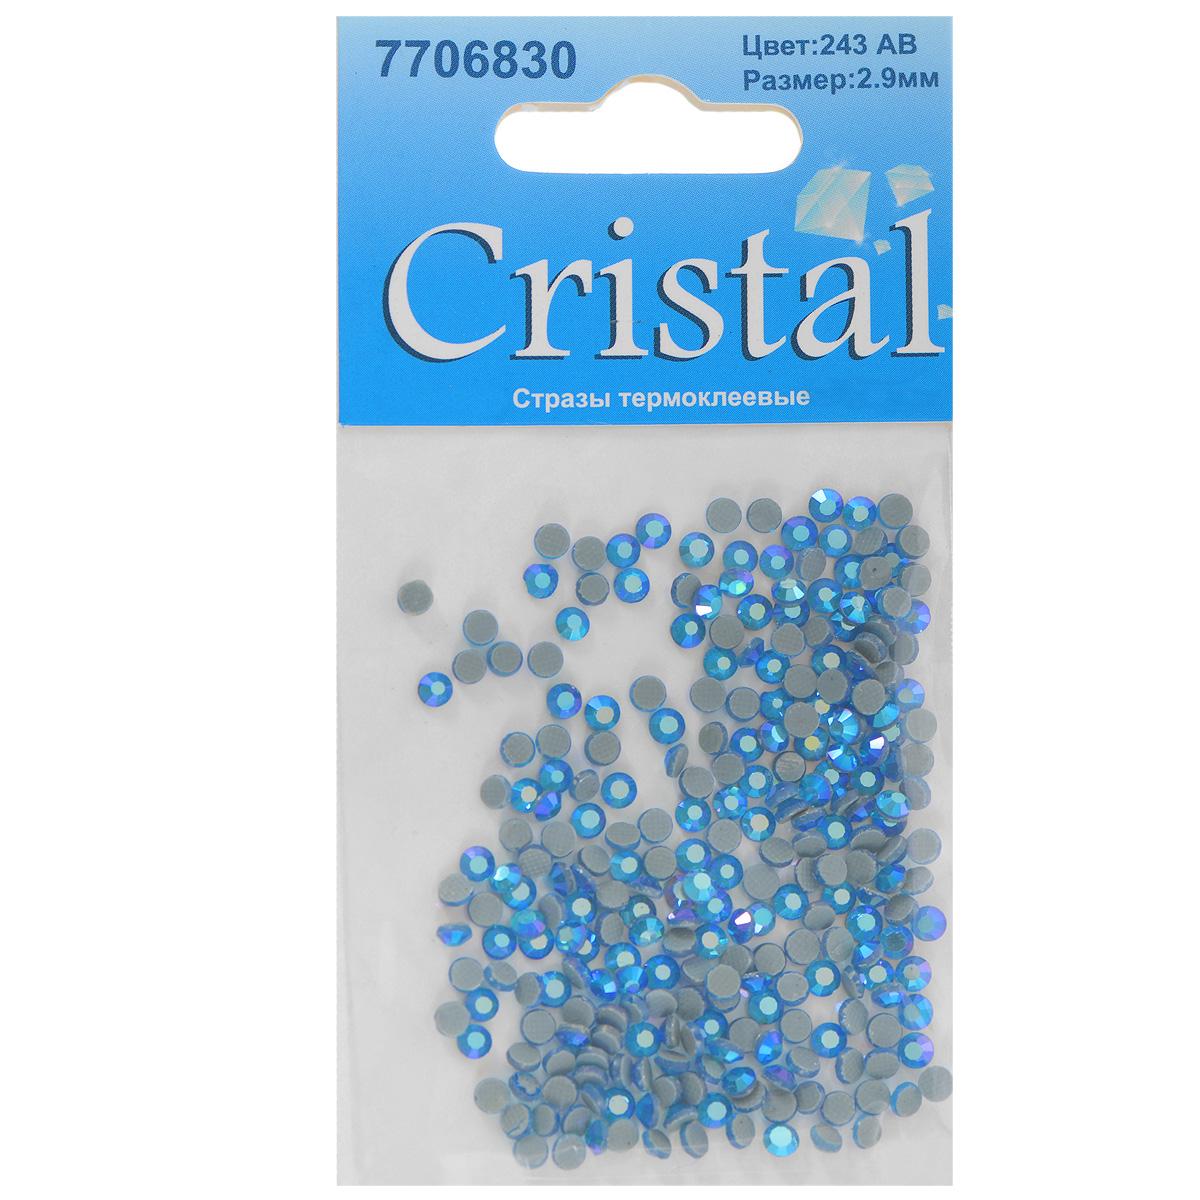 Стразы термоклеевые Cristal, цвет: светло-синий (243АВ), диаметр 2,9 мм, 288 шт7706830_243ABНабор термоклеевых страз Cristal, изготовленный из высококачественного акрила, позволит вам украсить одежду, аксессуары или текстиль. Яркие стразы имеют плоское дно и круглую поверхность с гранями. Дно термоклеевых страз уже обработано особым клеем, который под воздействием высоких температур начинает плавиться, приклеиваясь, таким образом, к требуемой поверхности. Чаще всего их используют в текстильной промышленности: стразы прикладывают к ткани и проглаживают утюгом с обратной стороны. Также можно использовать специальный паяльник. Украшение стразами поможет сделать любую вещь оригинальной и неповторимой. Диаметр страз: 2,9 мм.